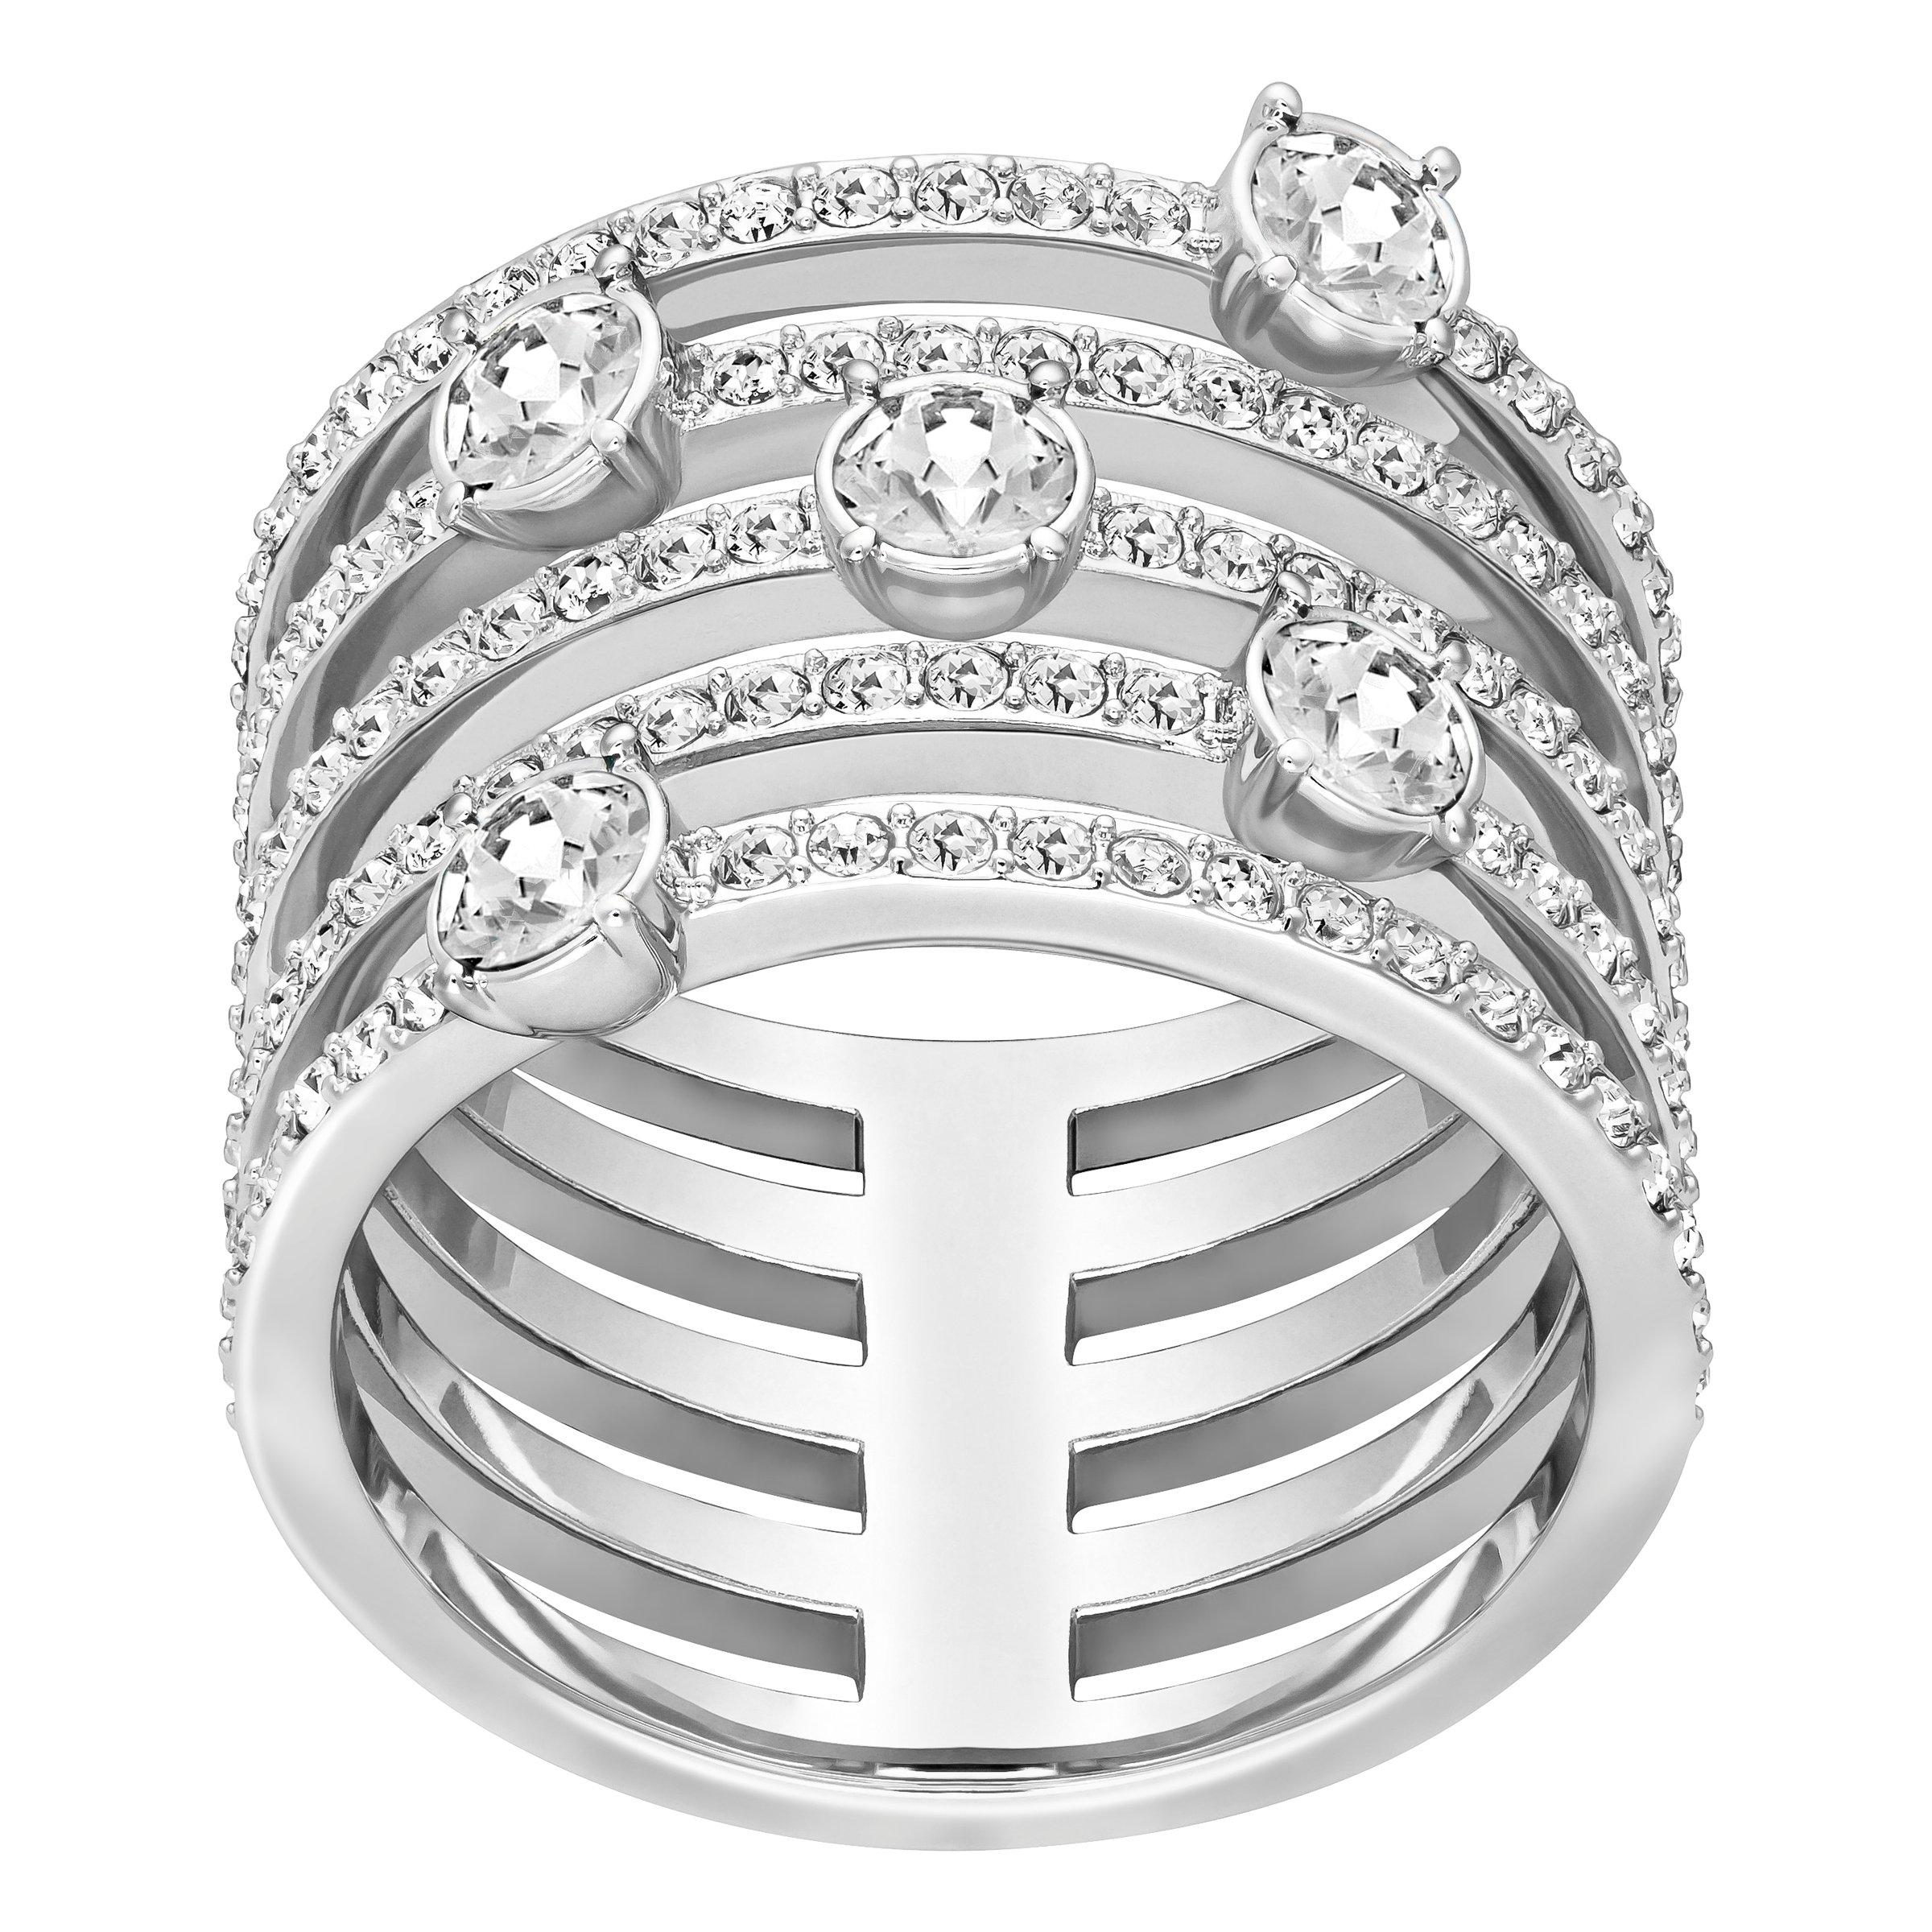 Swarovski Creativity Ring